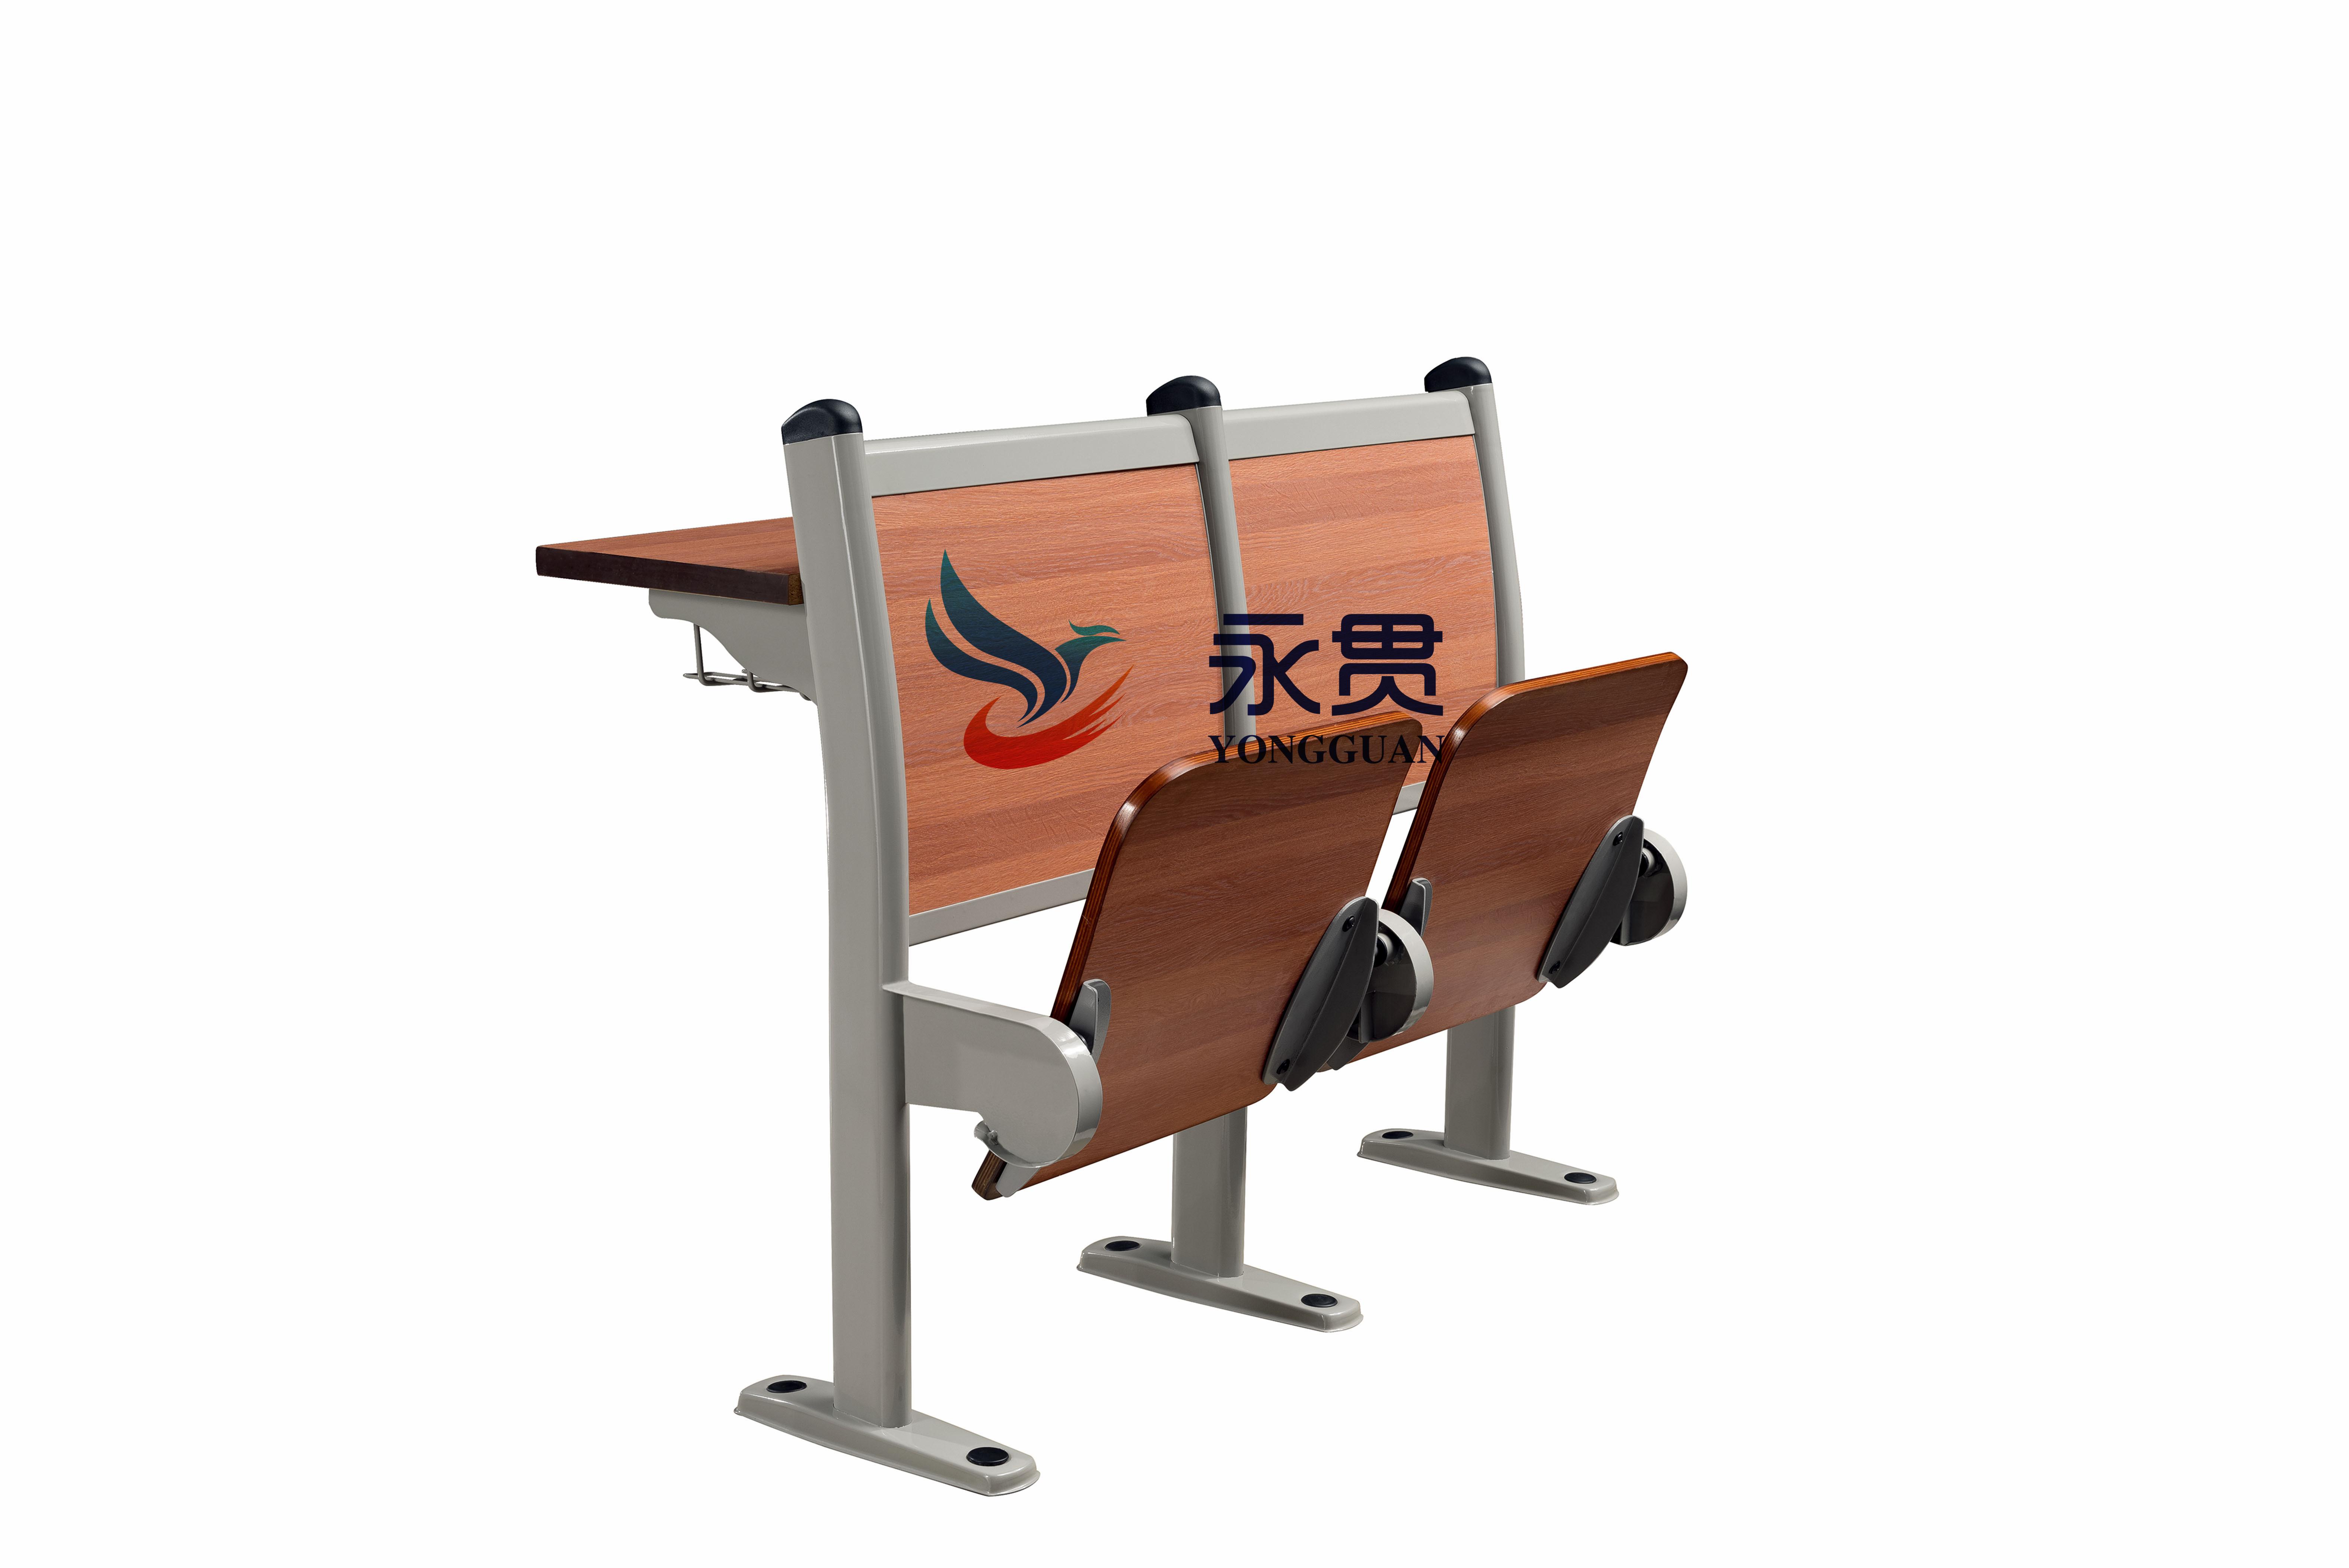 课桌椅批发/课桌椅厂家/课桌椅价格/课桌椅颜色可选/课桌椅功能/阶梯连排椅